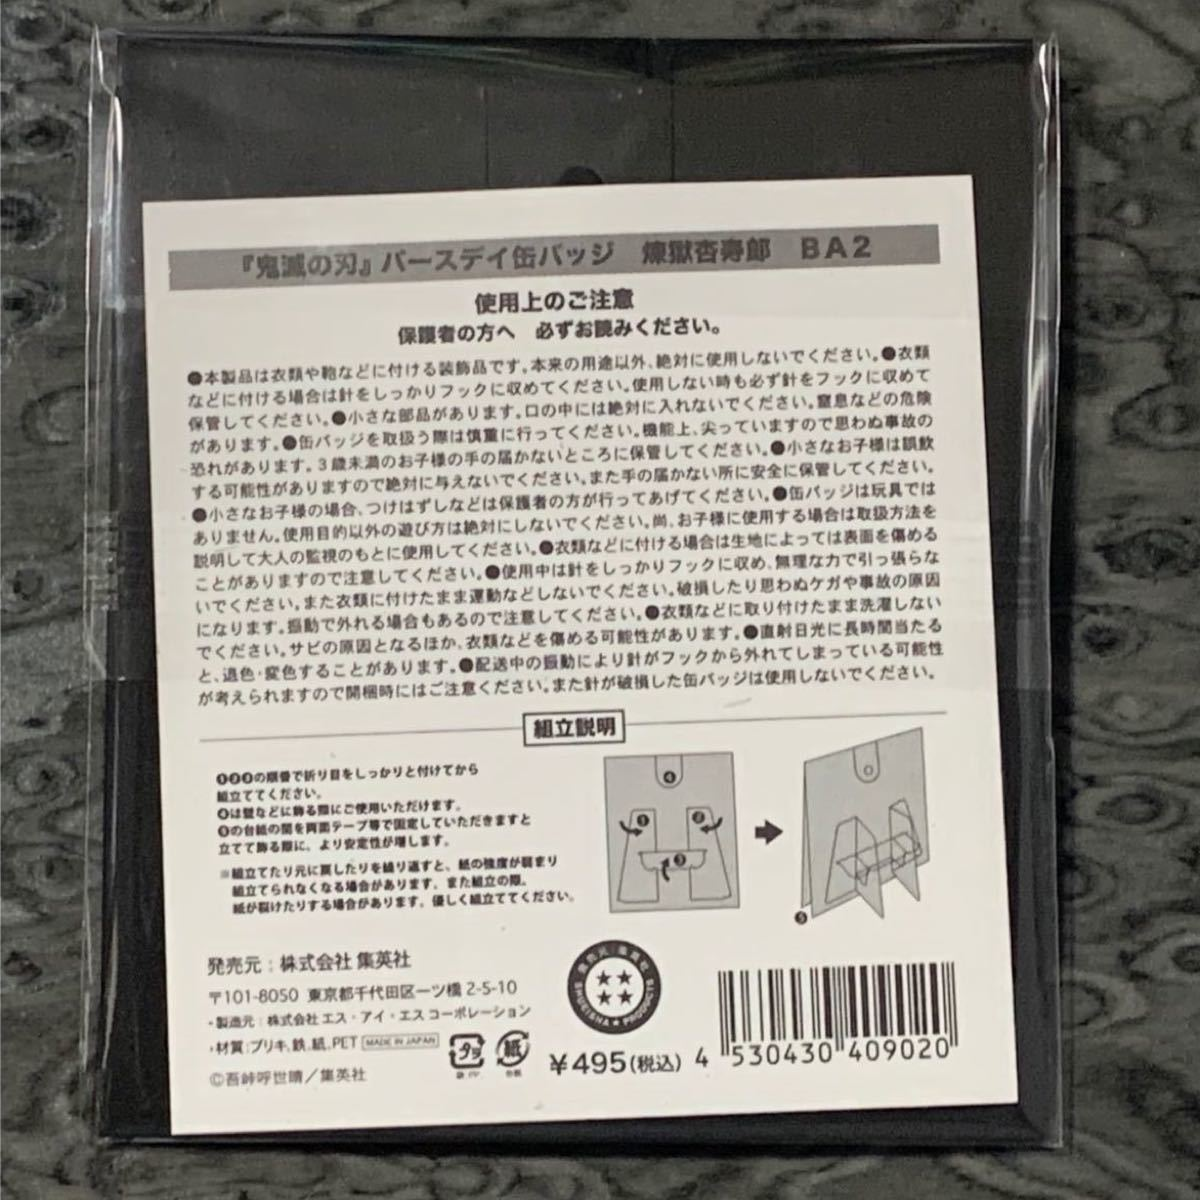 鬼滅の刃 煉獄杏寿郎 バースデージオラマフィギュア&缶バッジ